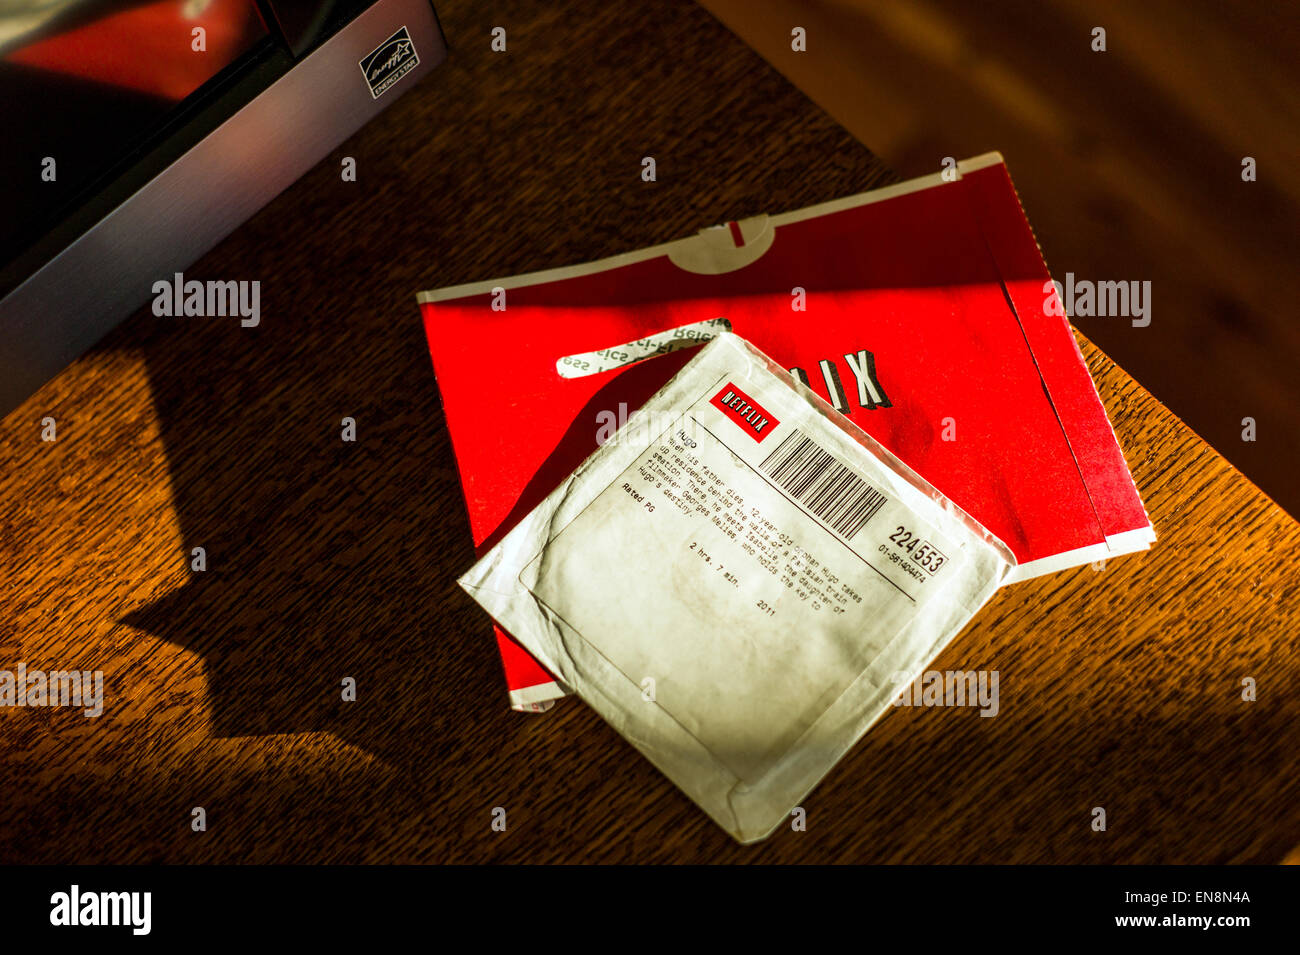 Nel tardo pomeriggio di flussi di luce solare attraverso un Netflix Movie DVD Immagini Stock